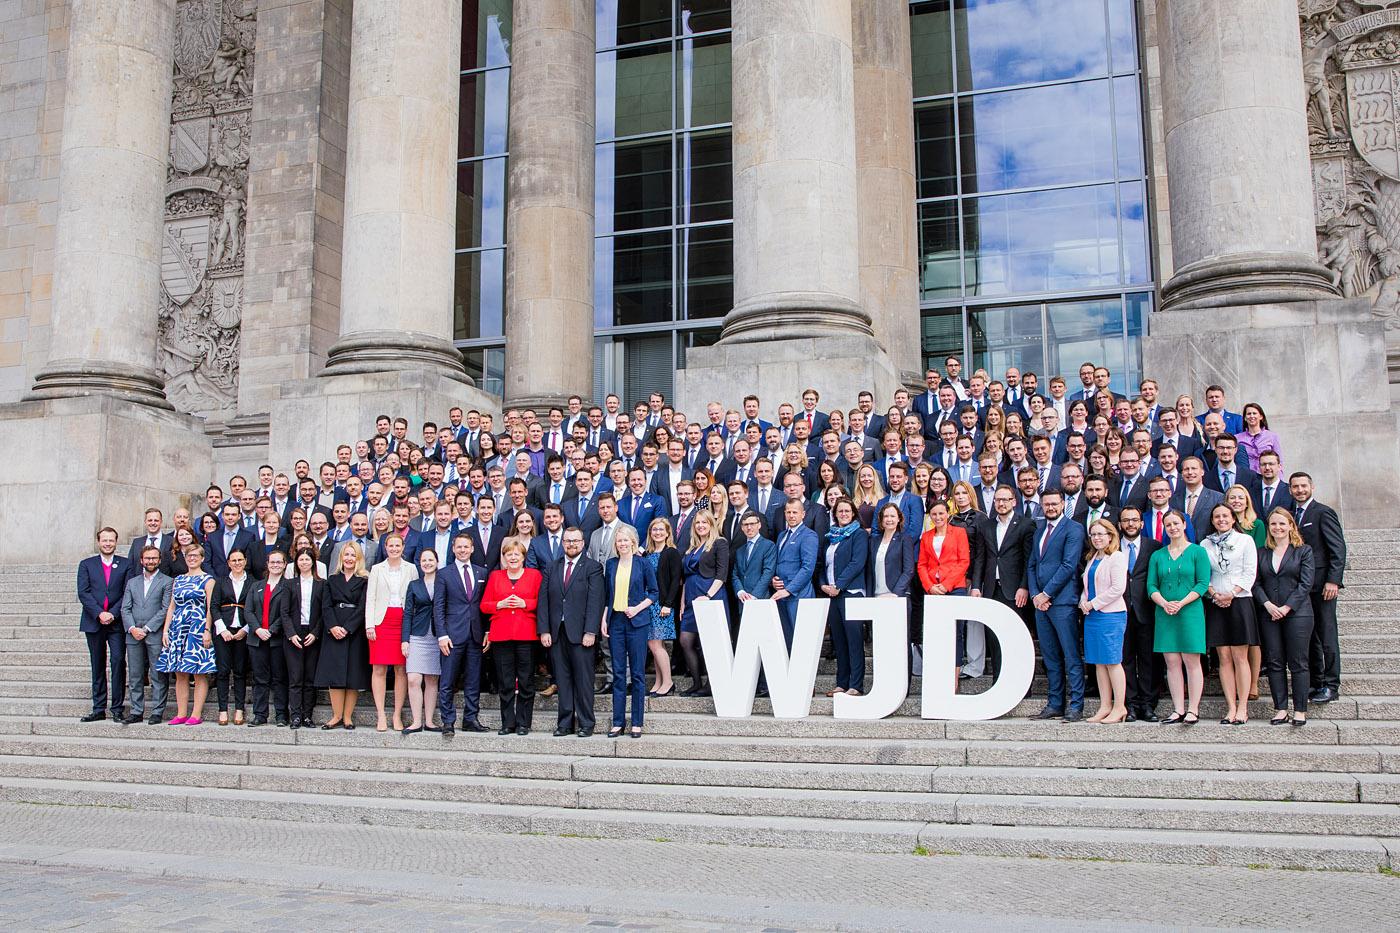 Gruppenfoto mit Bundeskanzlerin Angela Merkel. Foto: WJD/Jana Legler